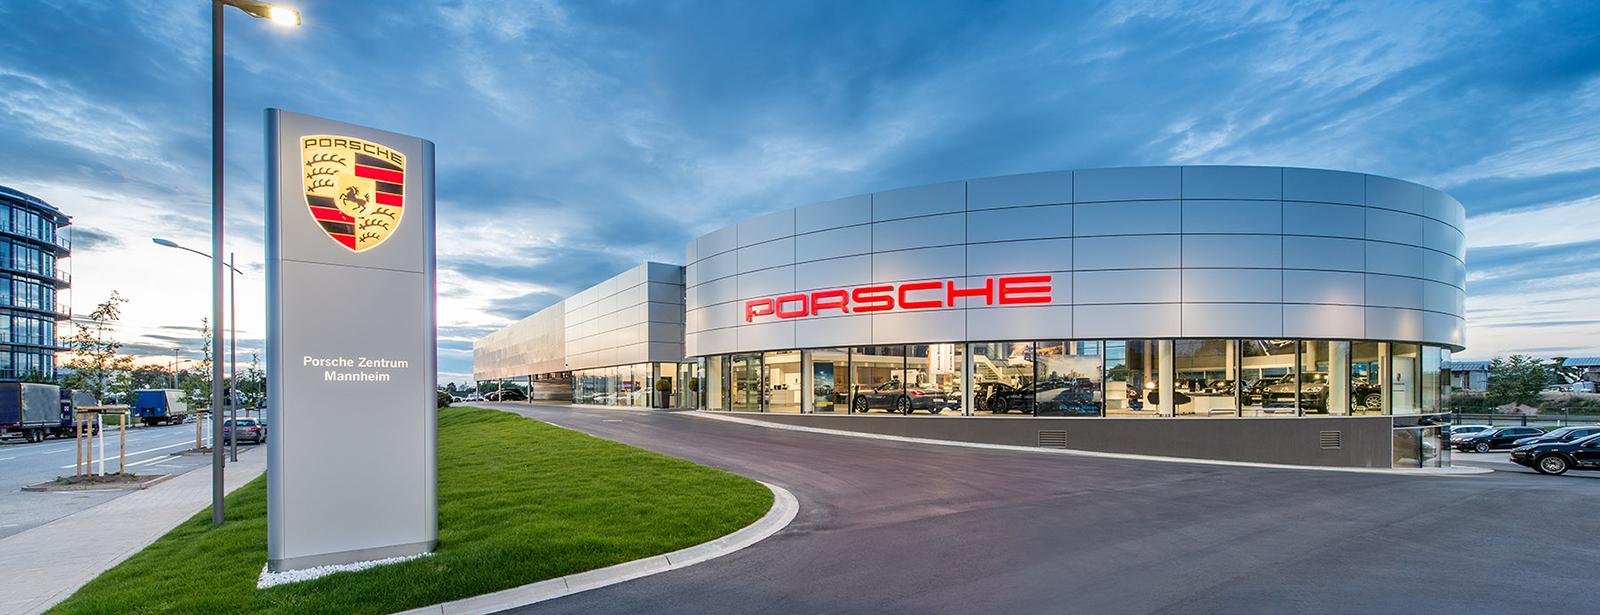 Porsche Zentrum Mannheim 187 214 Ffnungszeiten